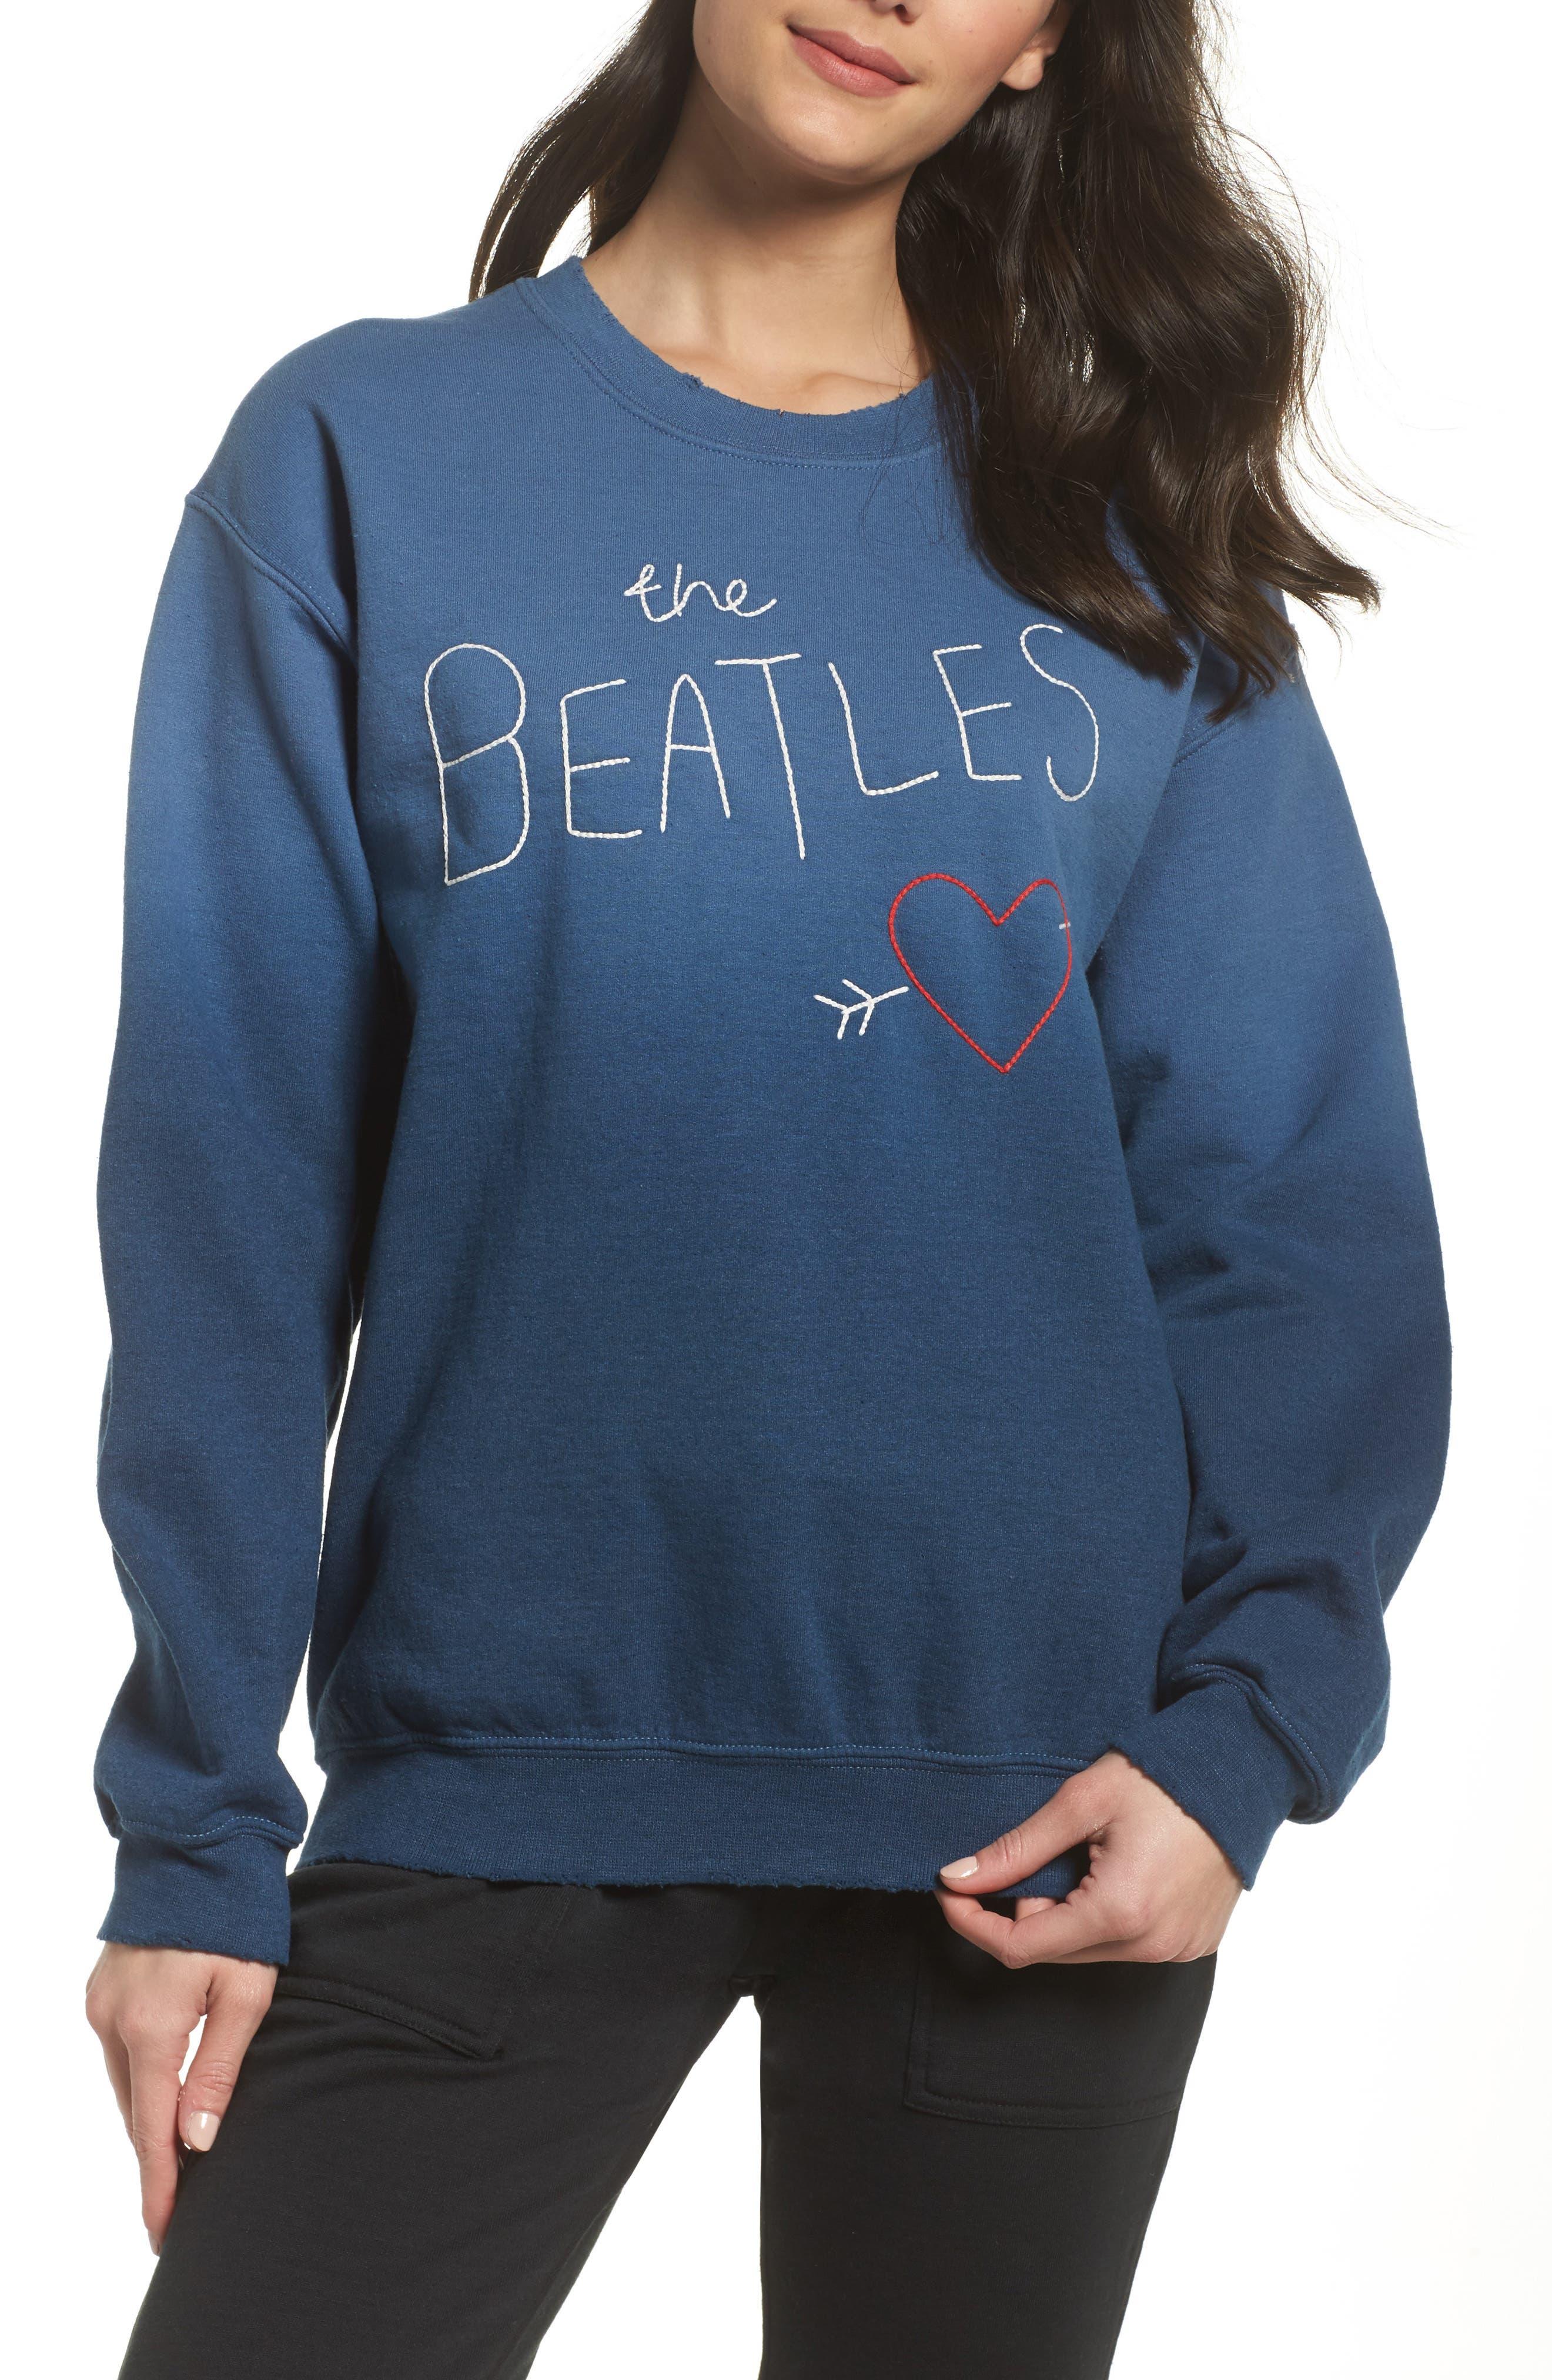 The Beatles Ombré Sweatshirt,                             Main thumbnail 1, color,                             410